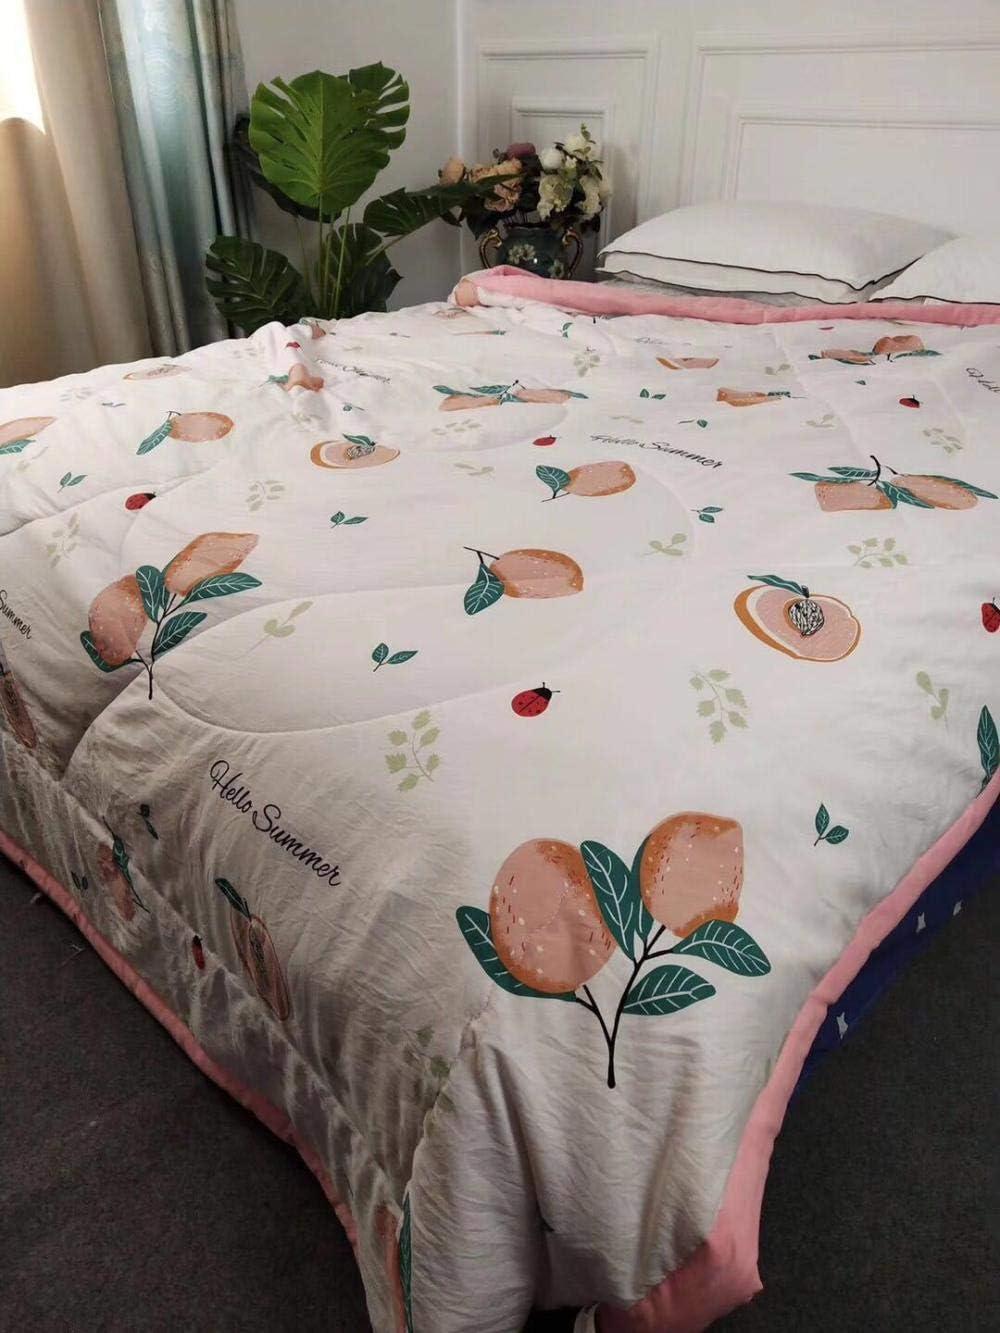 Big Pineapple N/°0 /Épicerie Couette Double en Duvet de Soie pour lit Queen en Microfibre avec Boucles dangle 150 * 200cm hypoallerg/énique et Anti-acariens